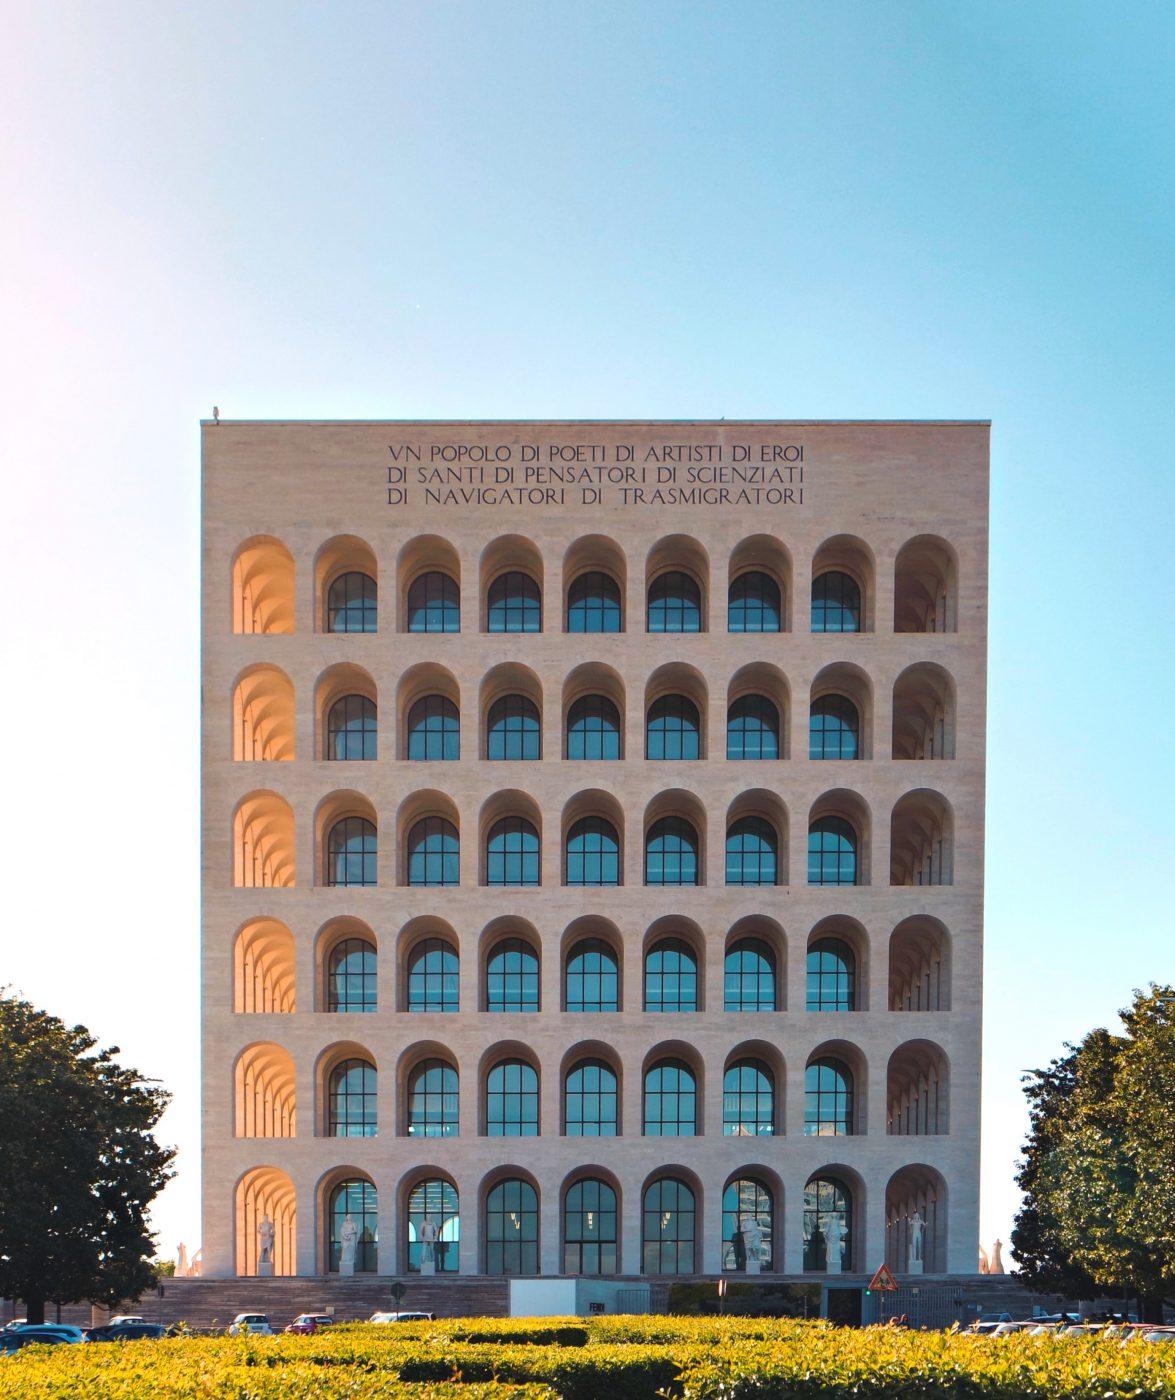 Fendi is Rome and Rome is Fendi - Palazzo della Civiltà Italiana